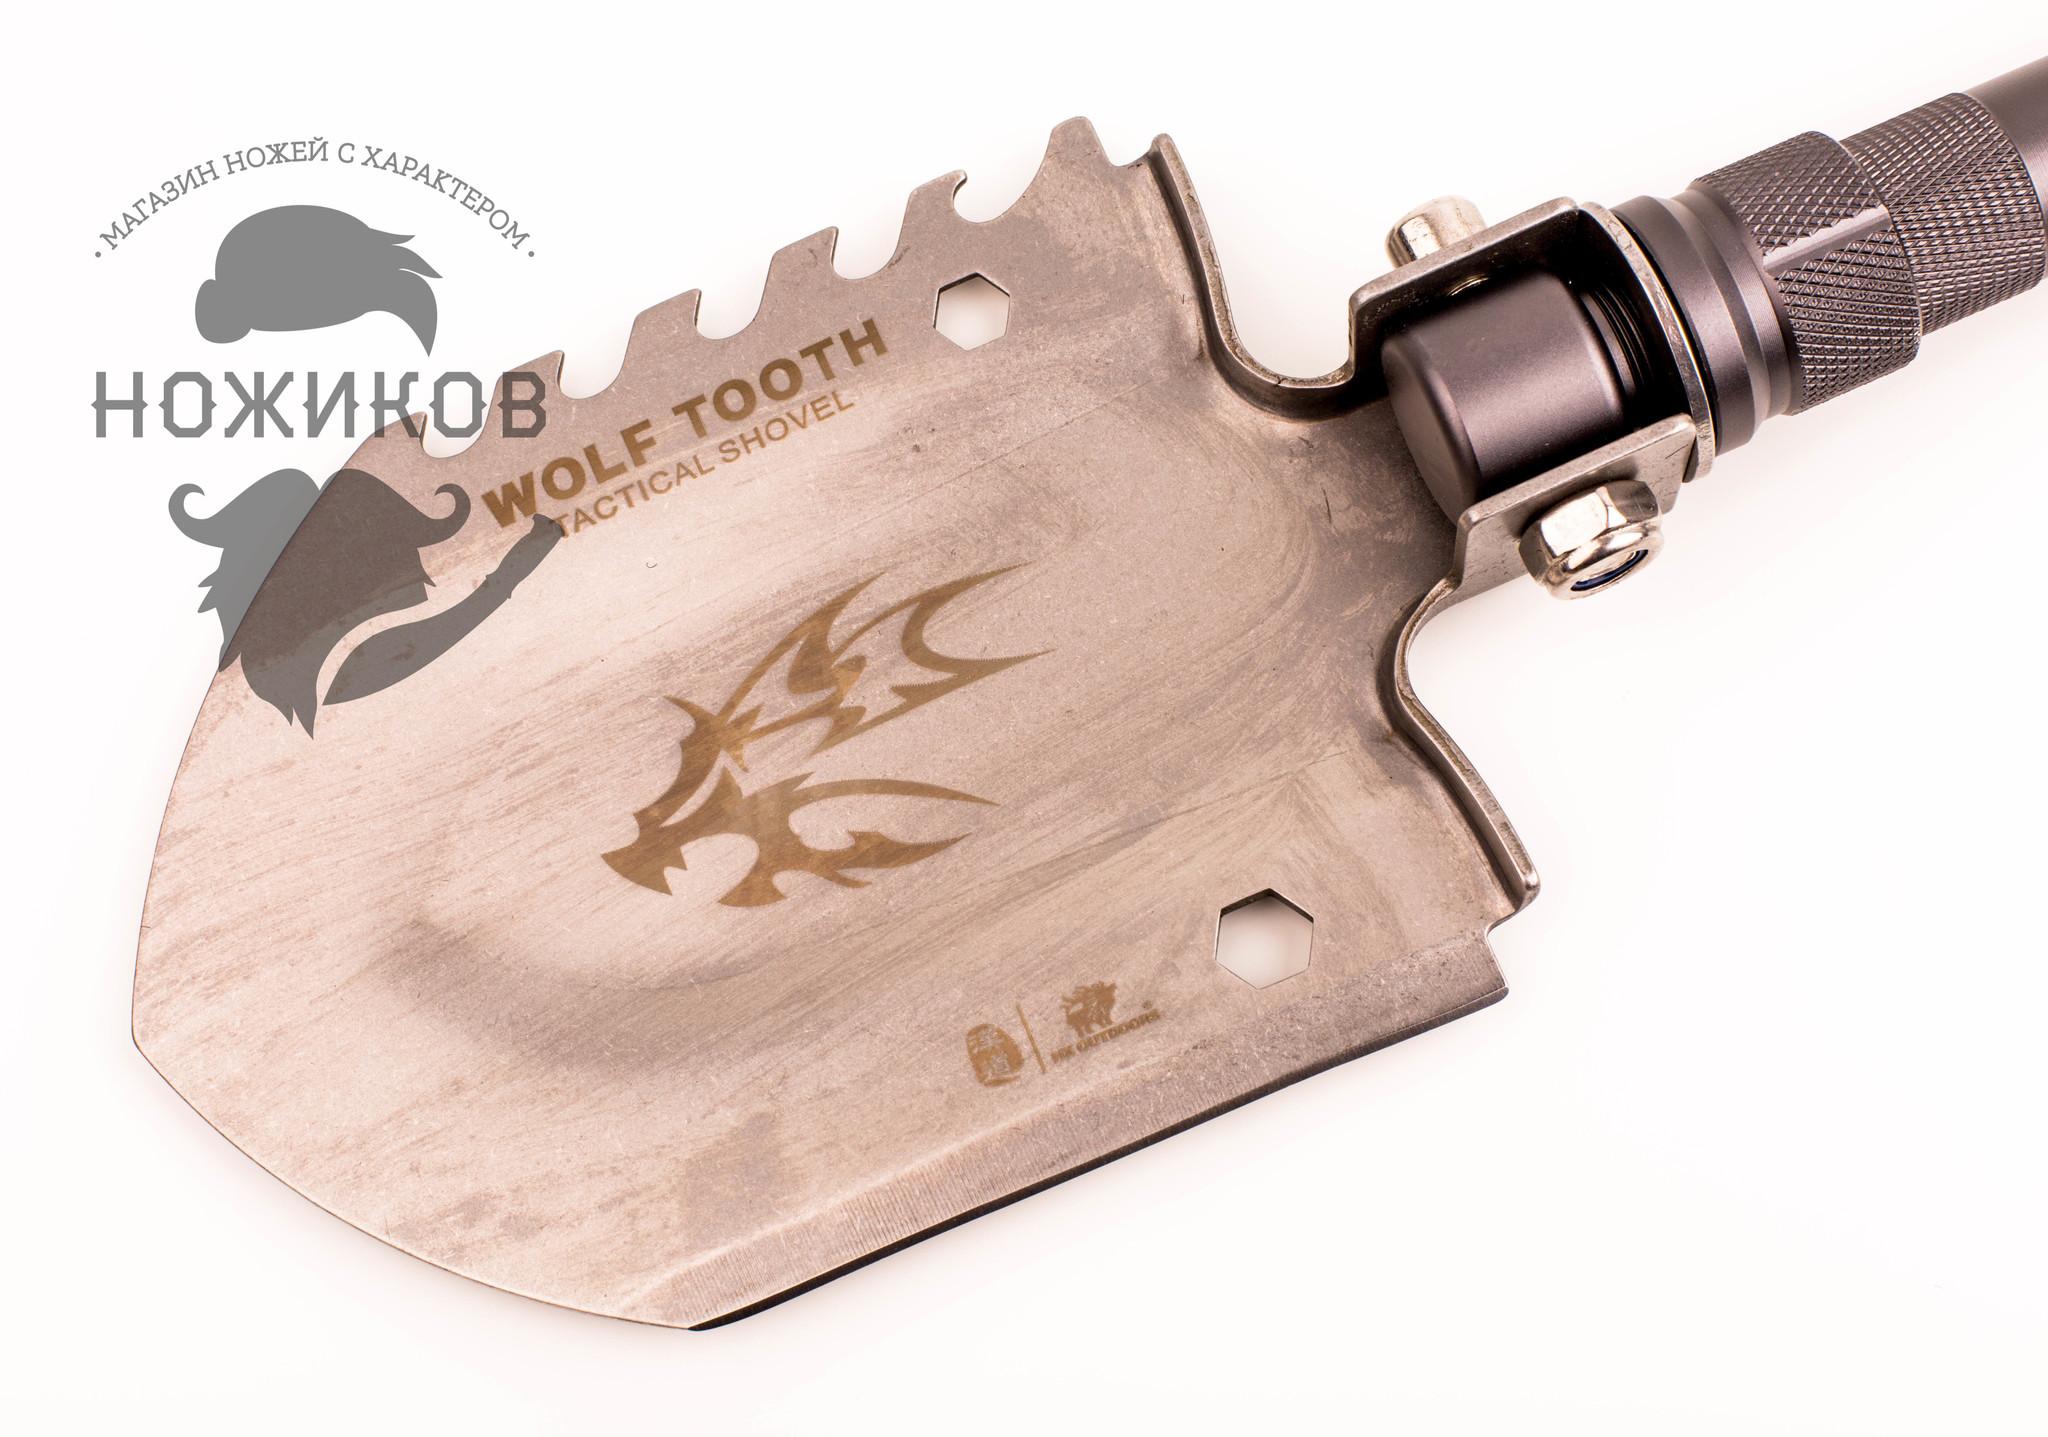 Фото 27 - Многофункциональная лопата для выживания HX Outdoor 19-в-1 от Noname